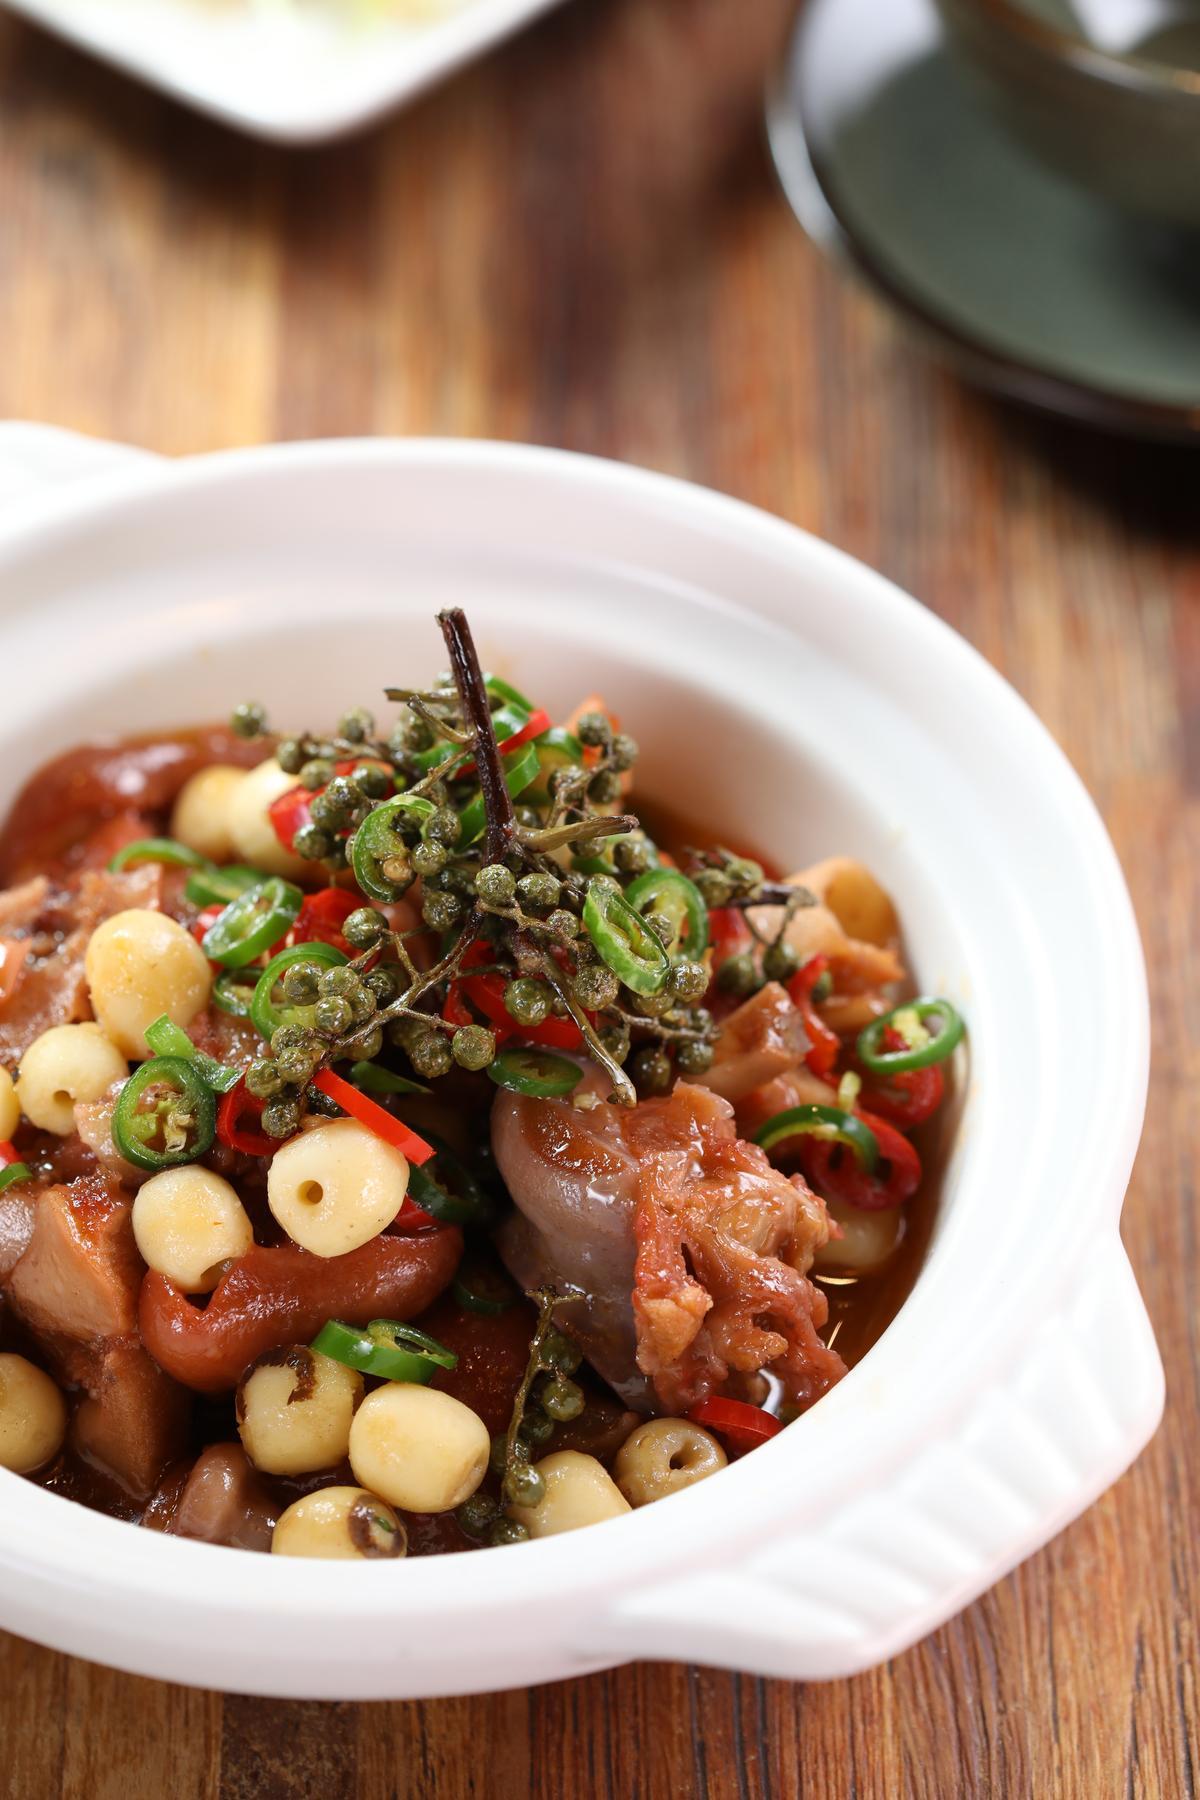 以醬油滷製的「蓮子蹄花煲」,上頭以青花椒點綴,味覺表現很多元,適合搭配香氣純粹的紅酒。(320元/份)